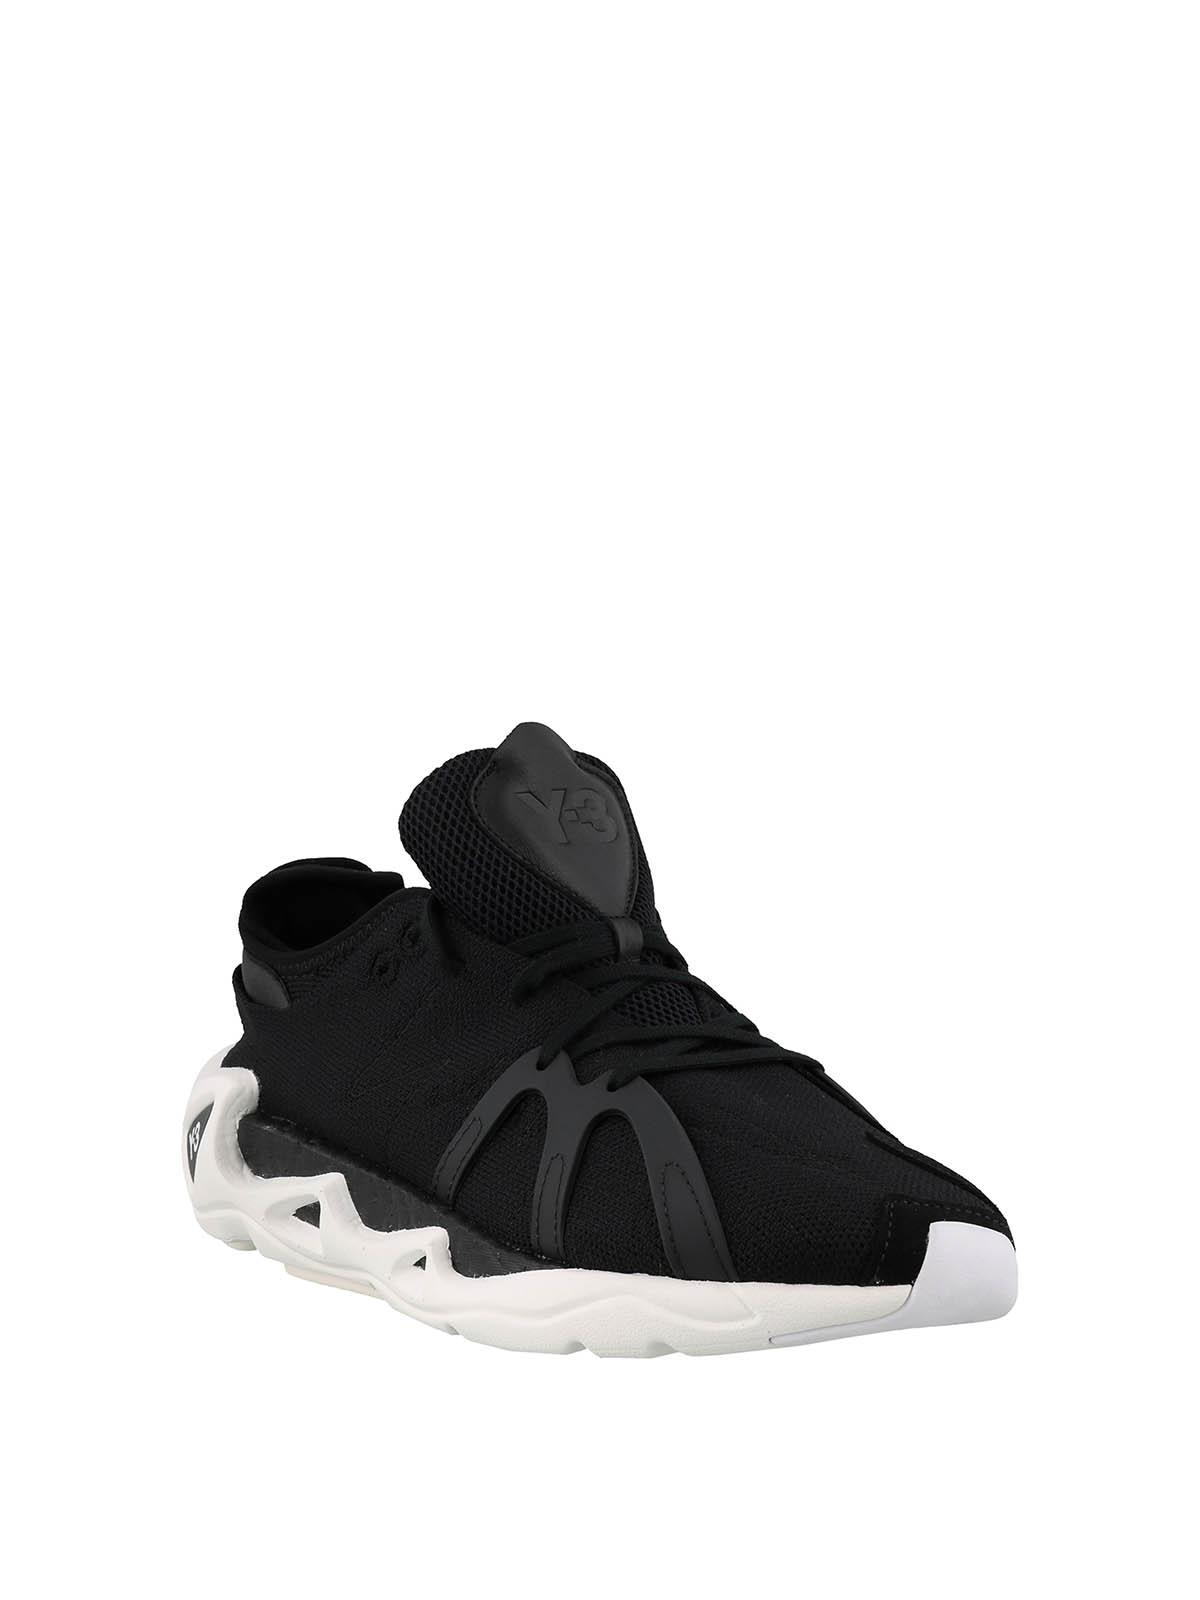 Adidas Y 3 Sneaker Schwarz Sneaker FU9185 | iKRIX